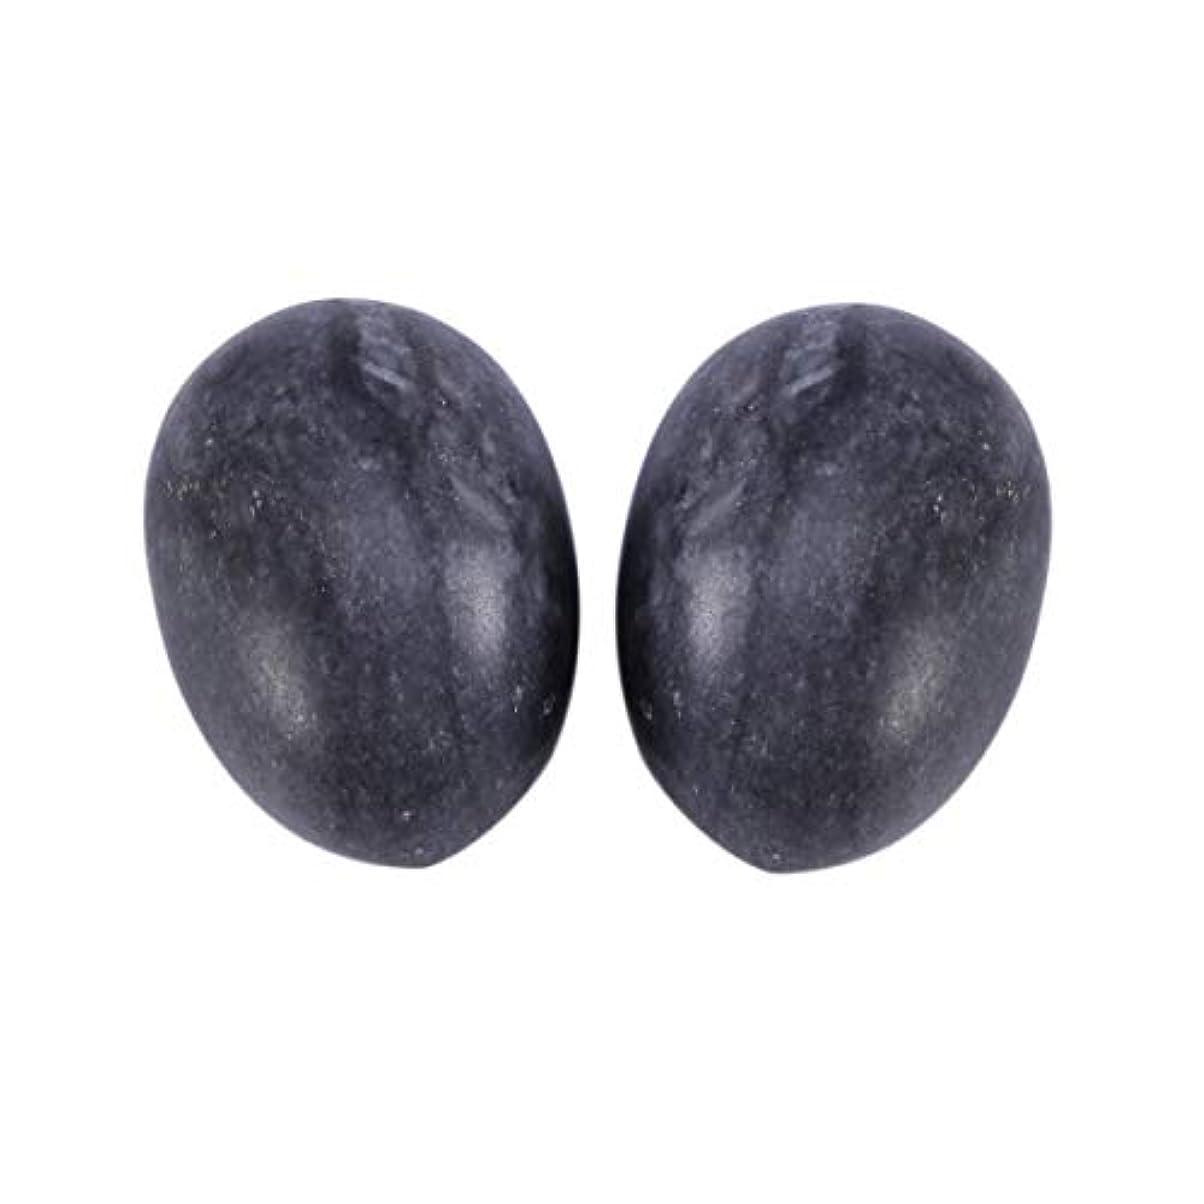 単位領域ばかげているHealifty 6PCS翡翠Yoni卵マッサージ癒しの石のケゲル運動骨盤底筋運動(黒)